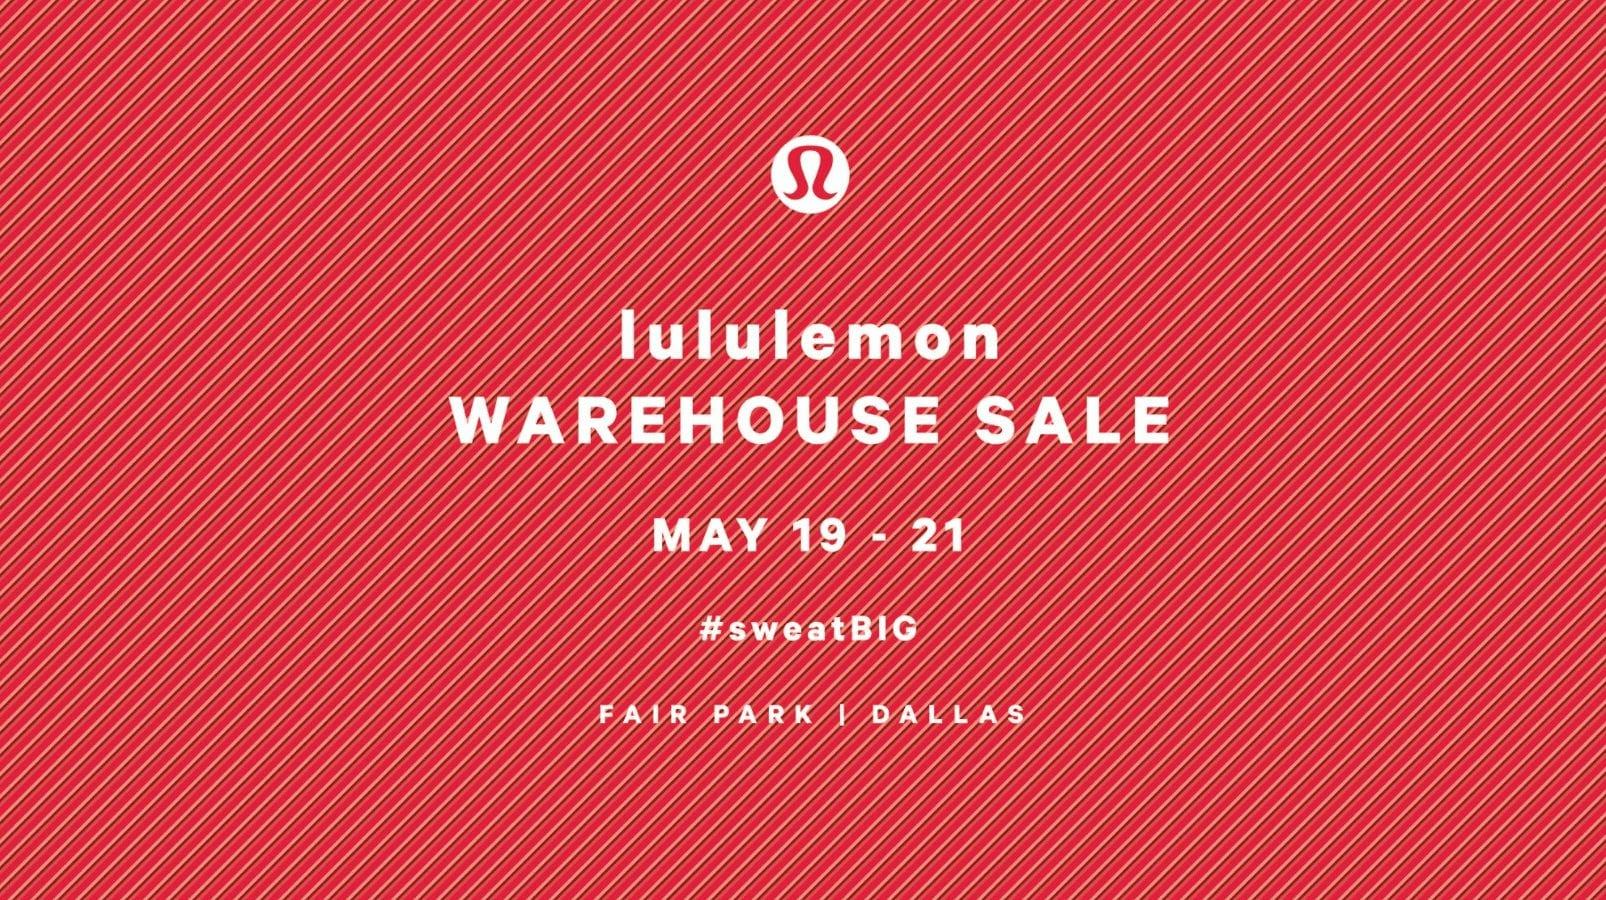 Lululemon Warehouse Sale 2017